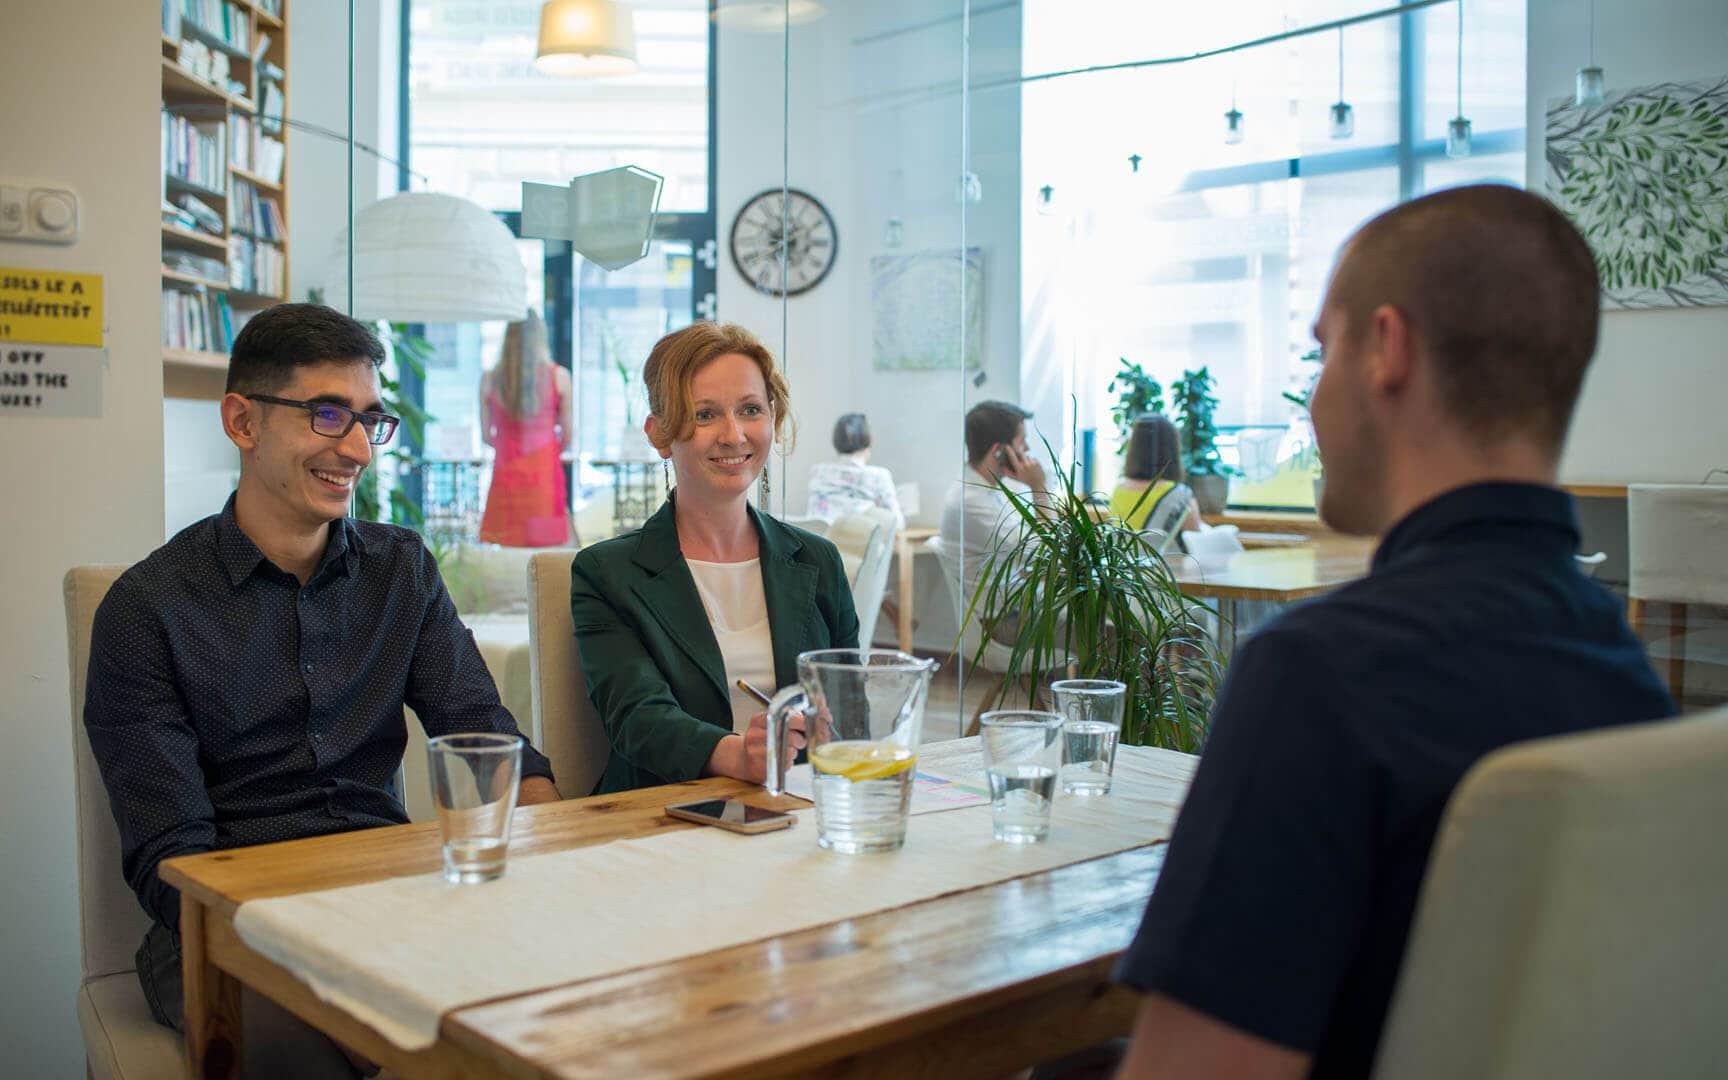 Akár 2-12 fős megbeszélést, coachingot, workshopot, képzést és más csoportos megbeszélést is tarthatsz az irodában az óradíjas tárgyaló bérléssel. KAPTÁR coworking Budapest